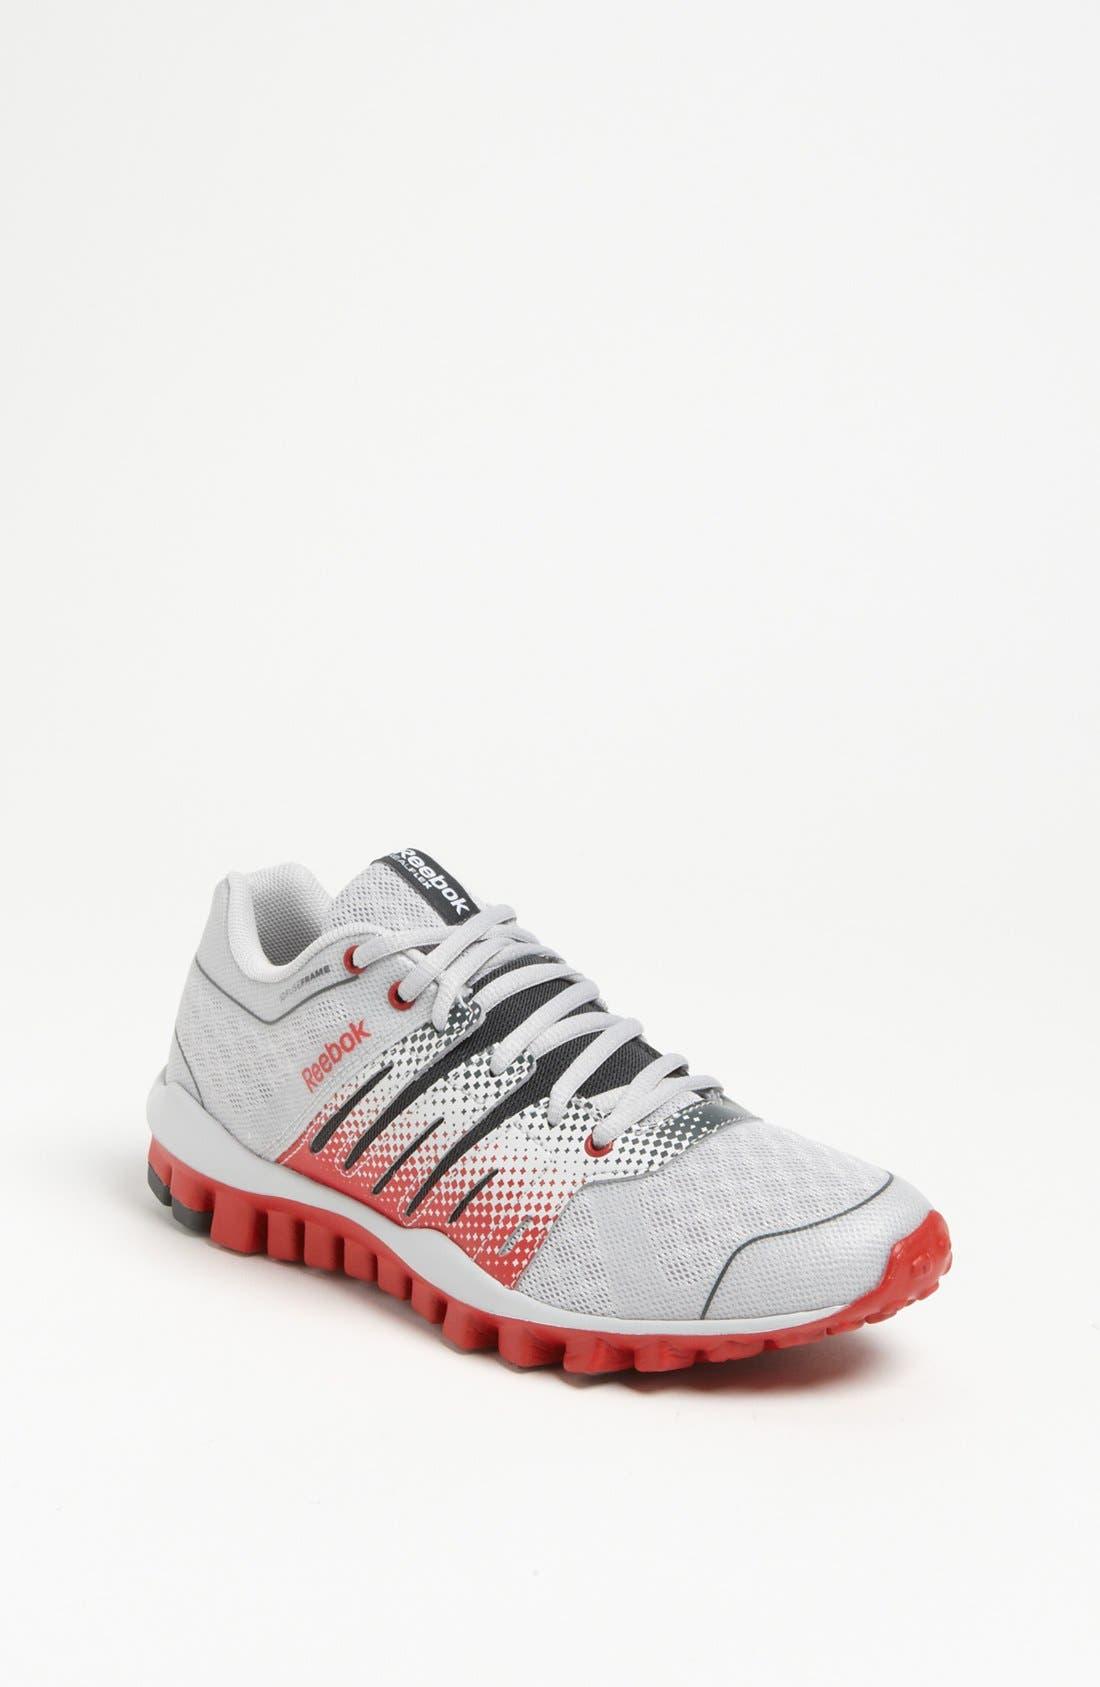 Alternate Image 1 Selected - Reebok 'RealFlex Strength' Training Sneaker (Big Kid)